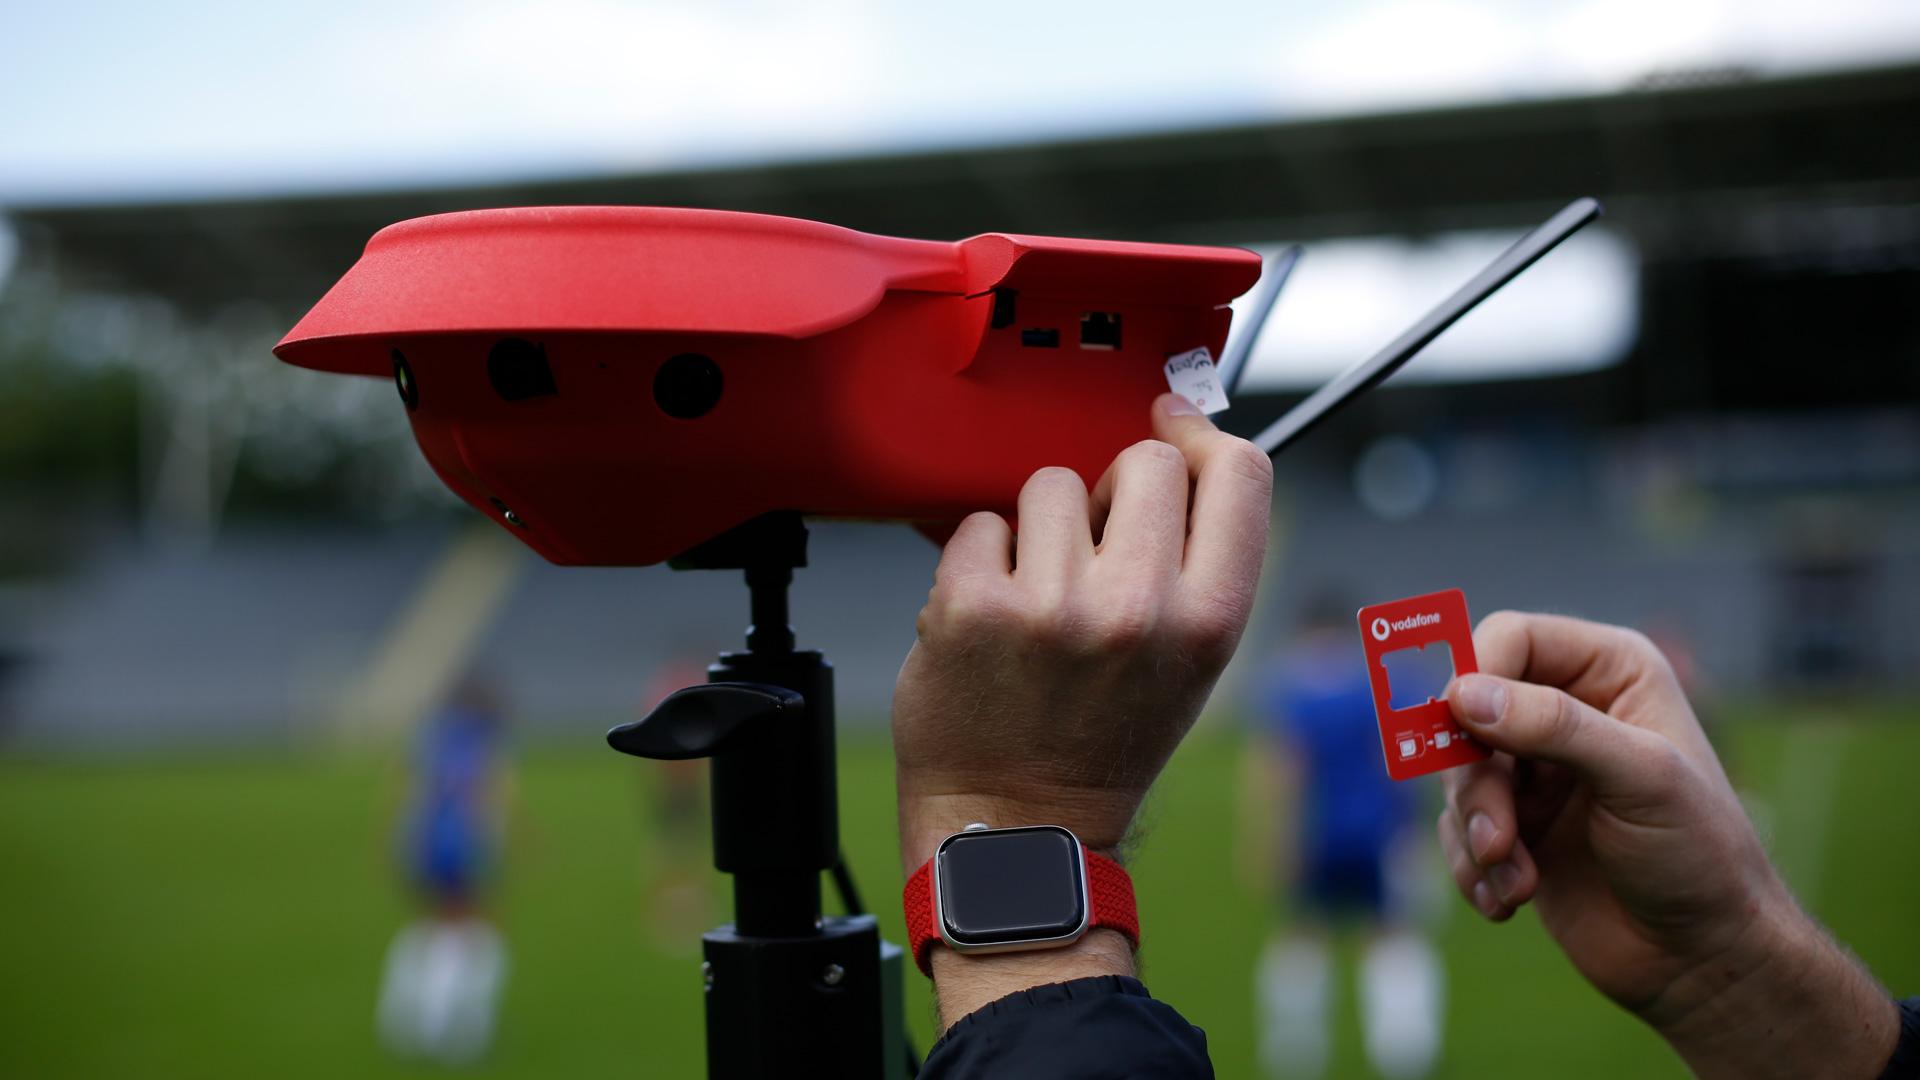 Staige Smartes Kamerasystem